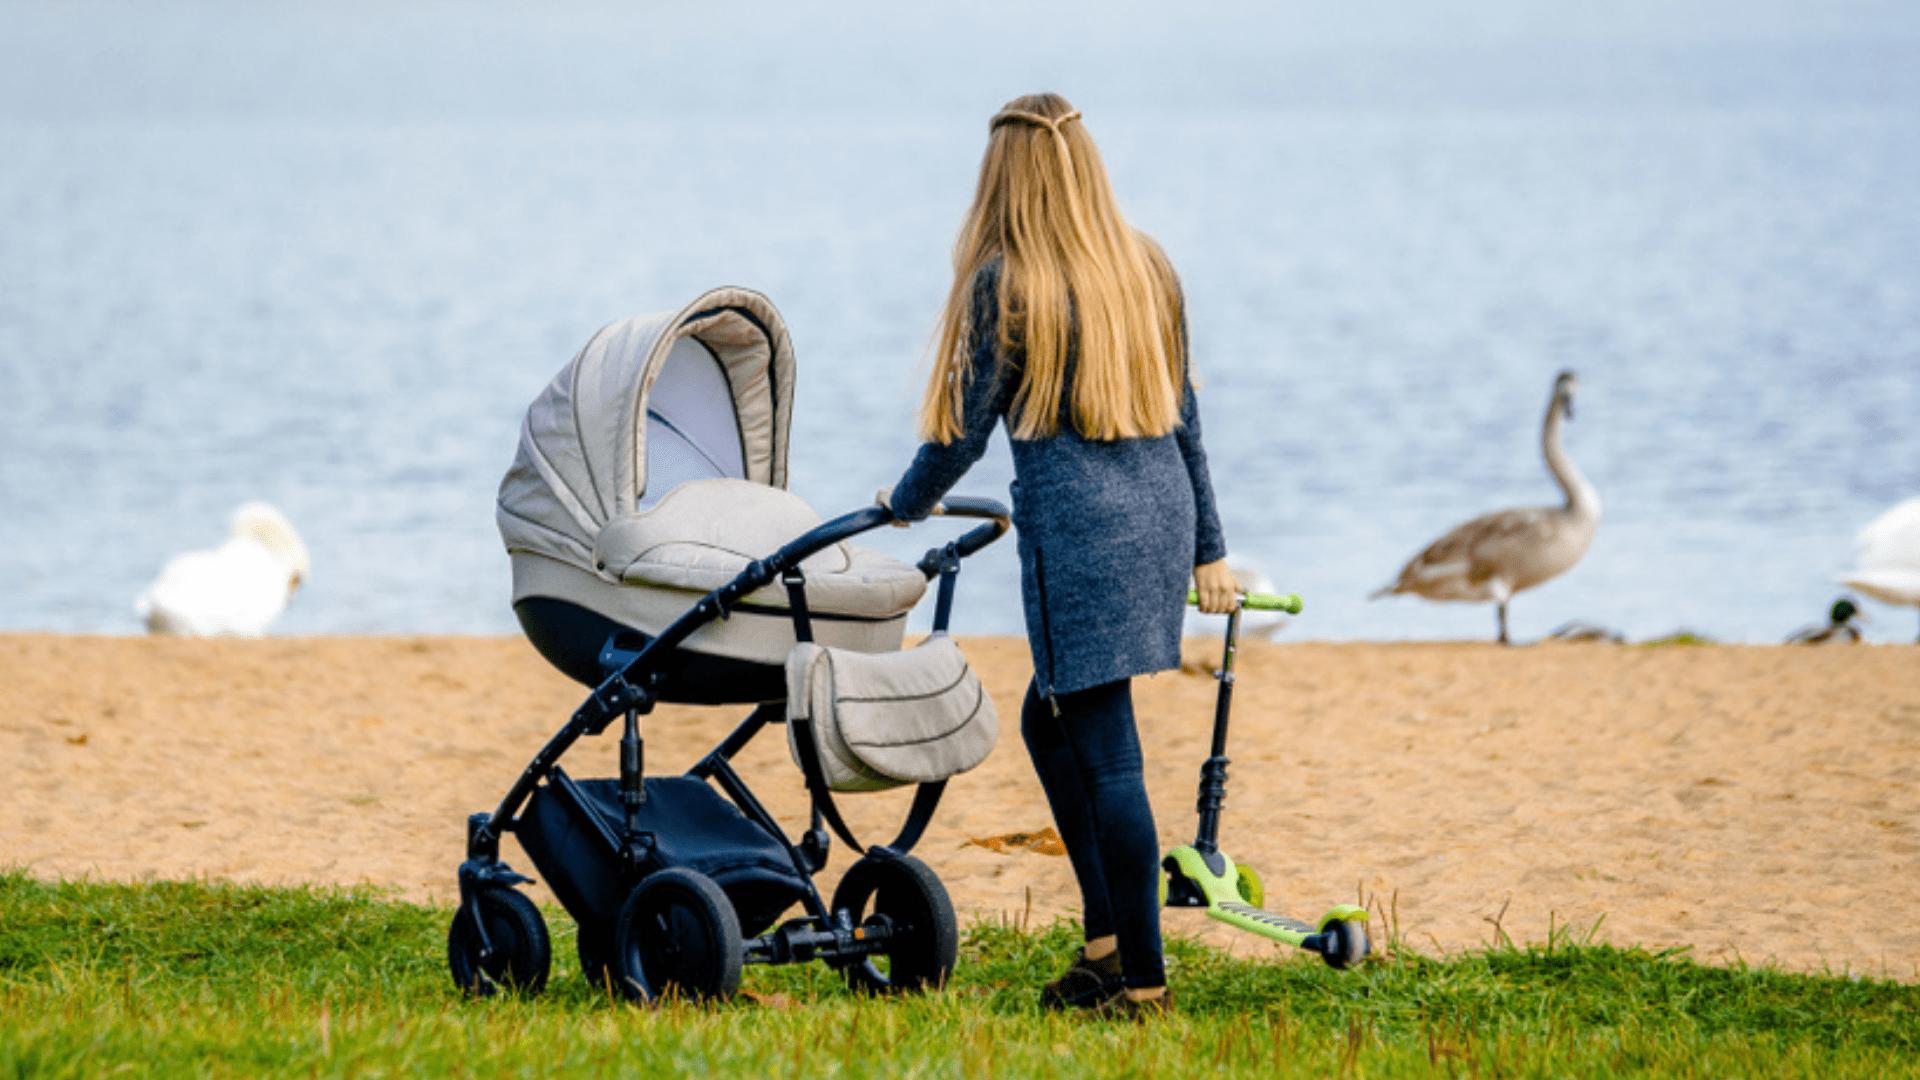 O Moisés, o bebê conforto e a cadeira para auto são itens que facilitam a rotina (Imagem: Reprodução/Shutterstock)